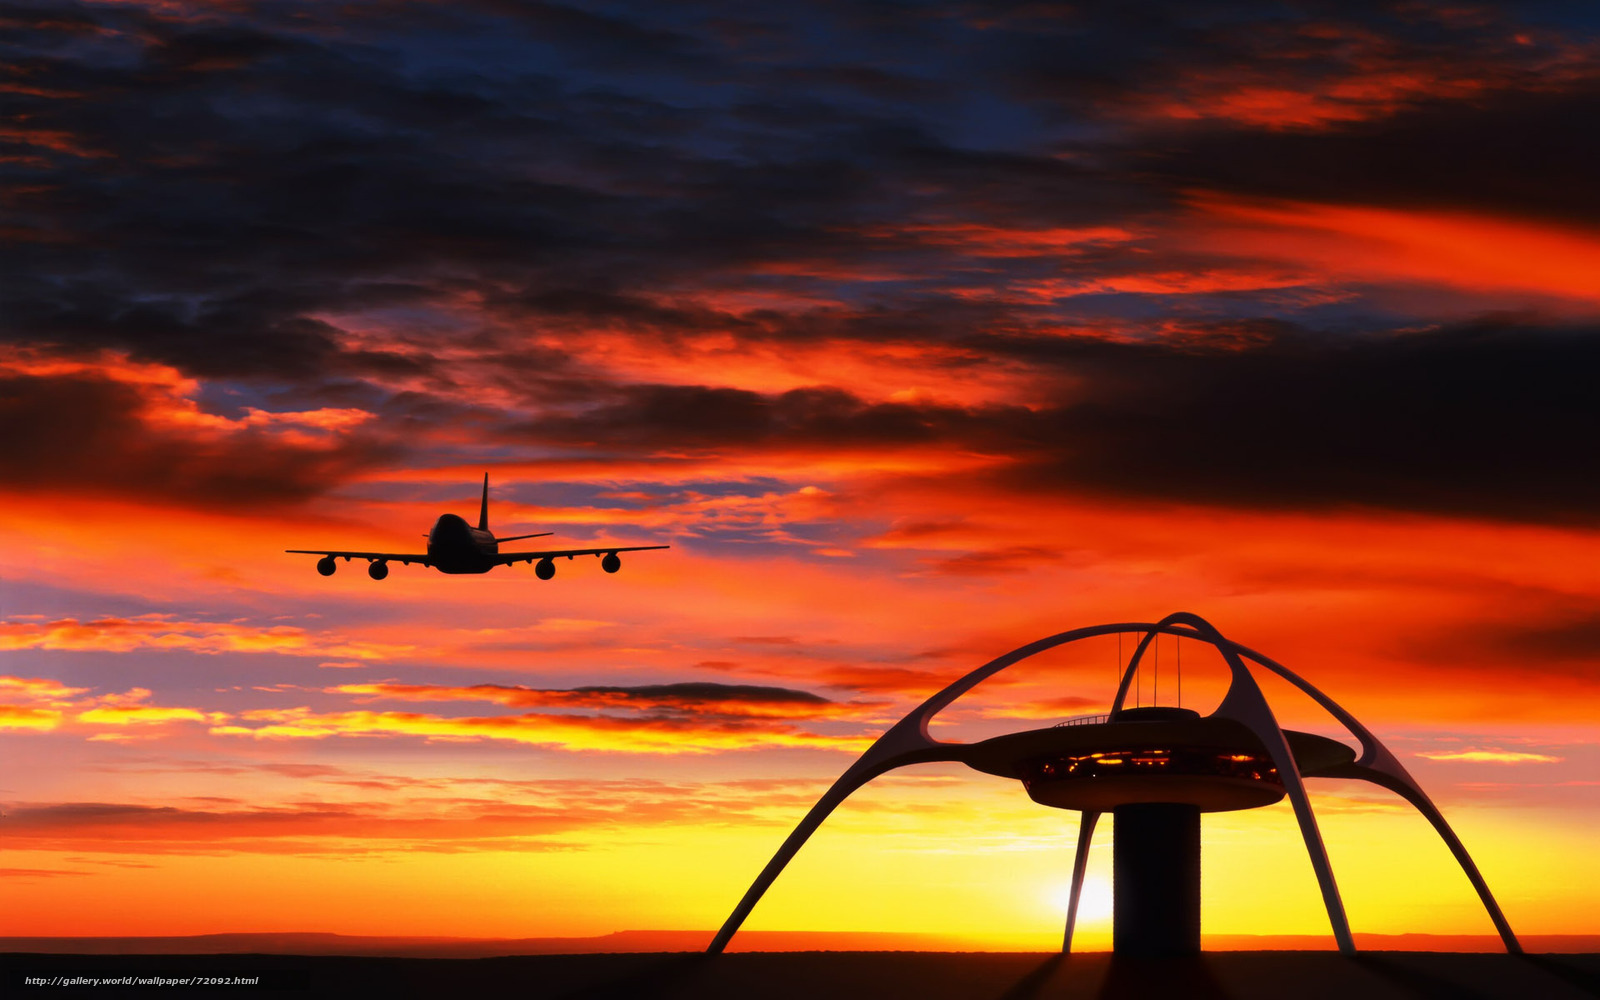 Фотографии взлетающих истребителей 20 фотография